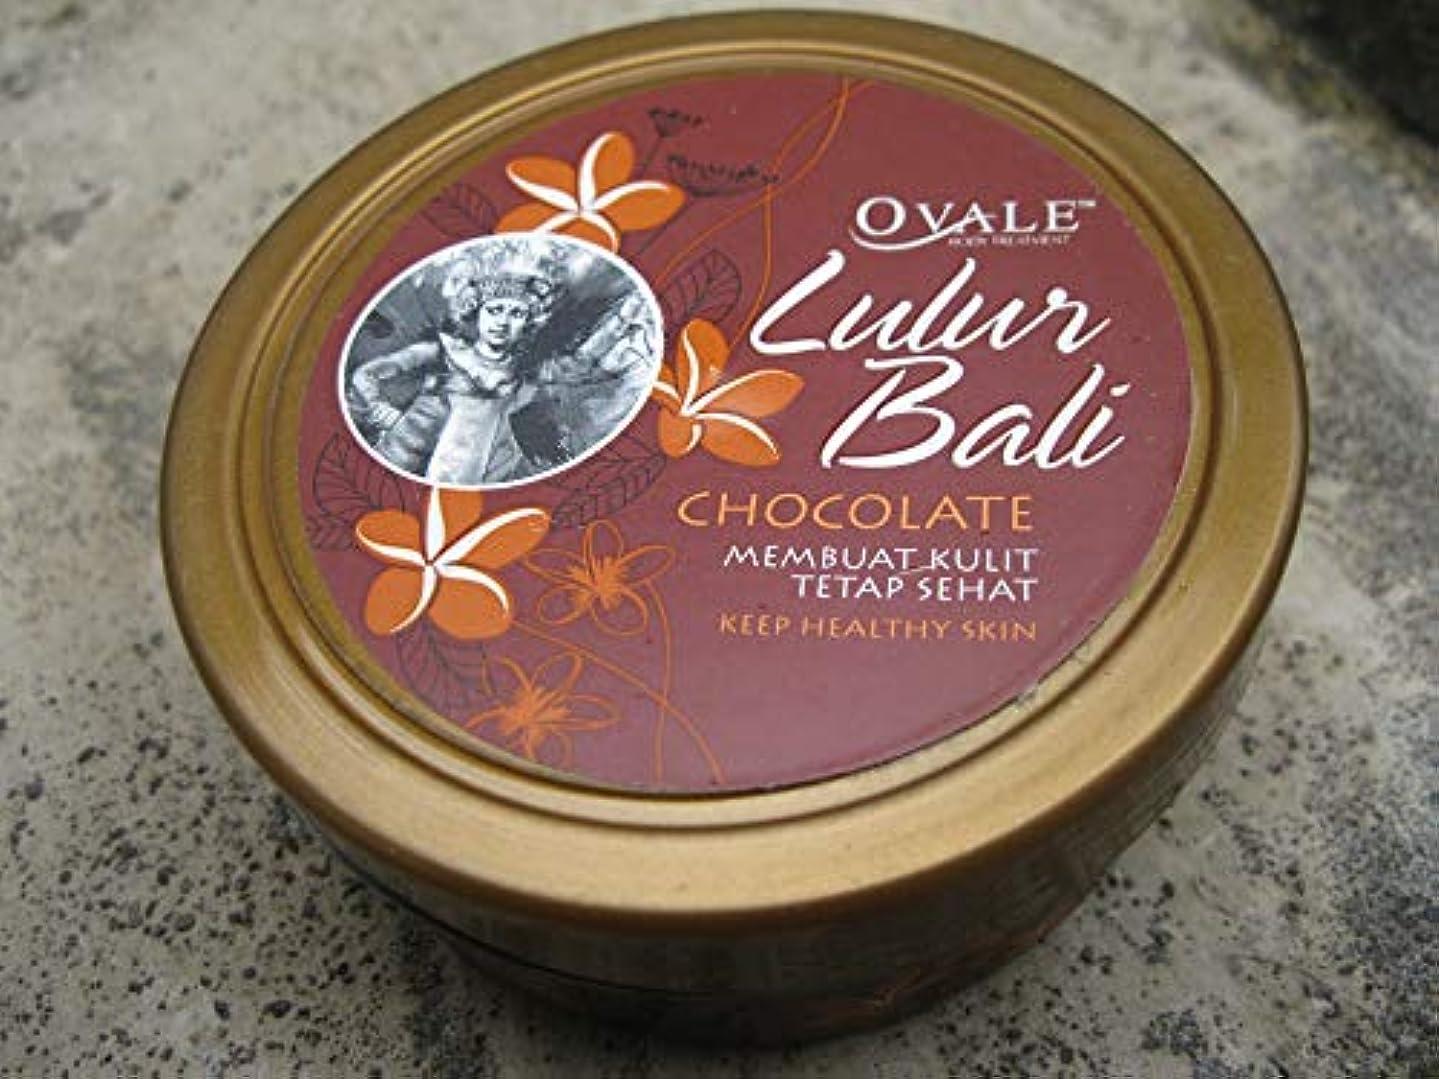 恐れる広告Ovale ルルールバリボディtreatment-バリインドネシアの100グラム(チョコレート)